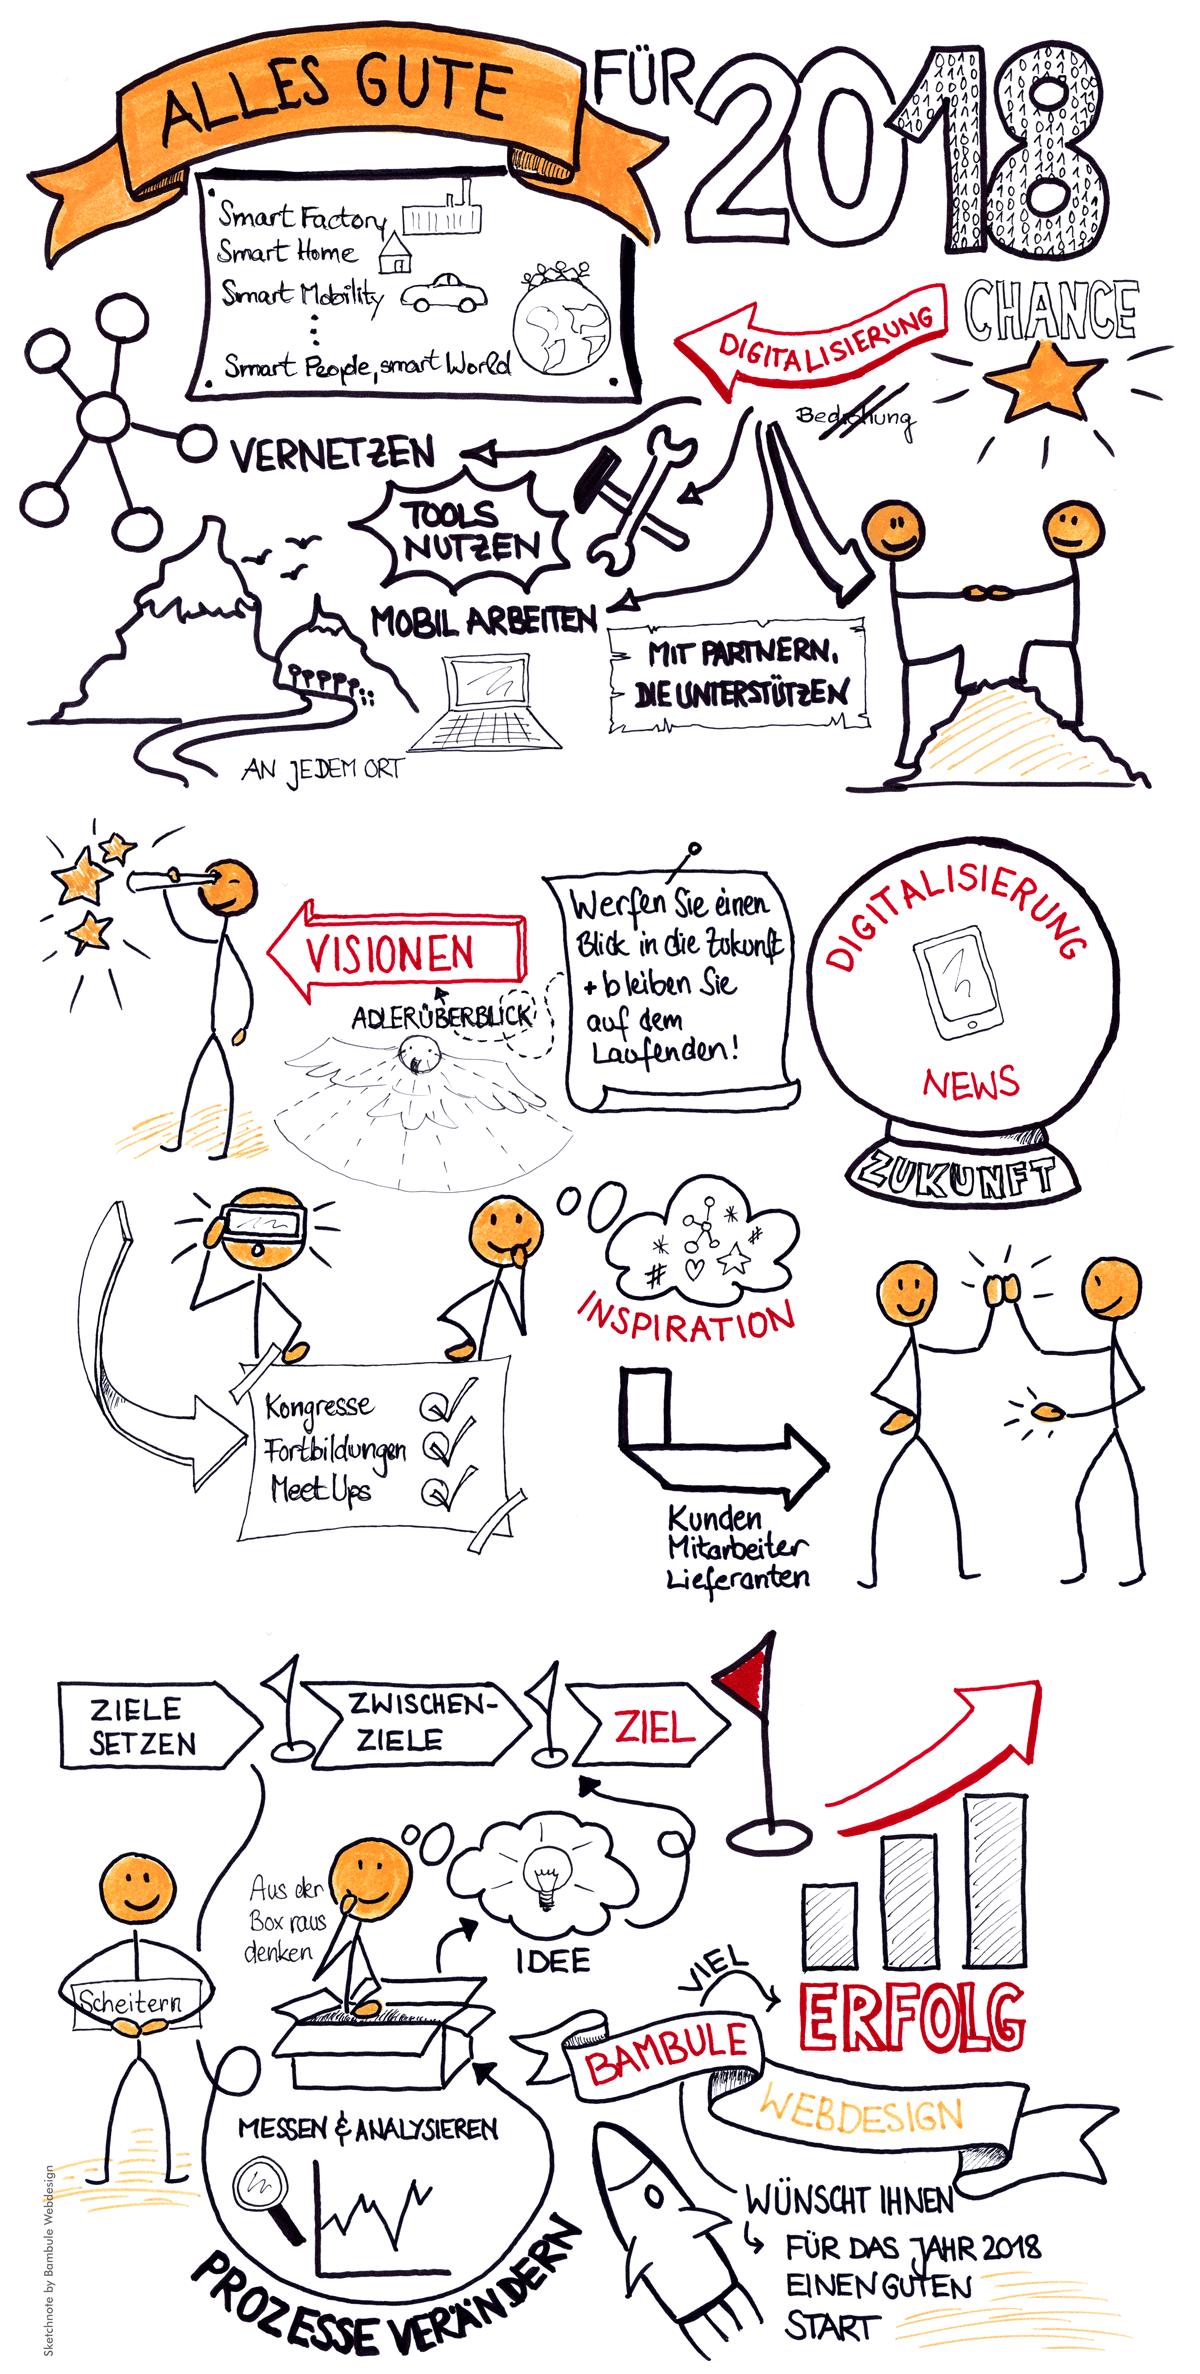 Digitalisierung für Berater und Unternehmer 2018